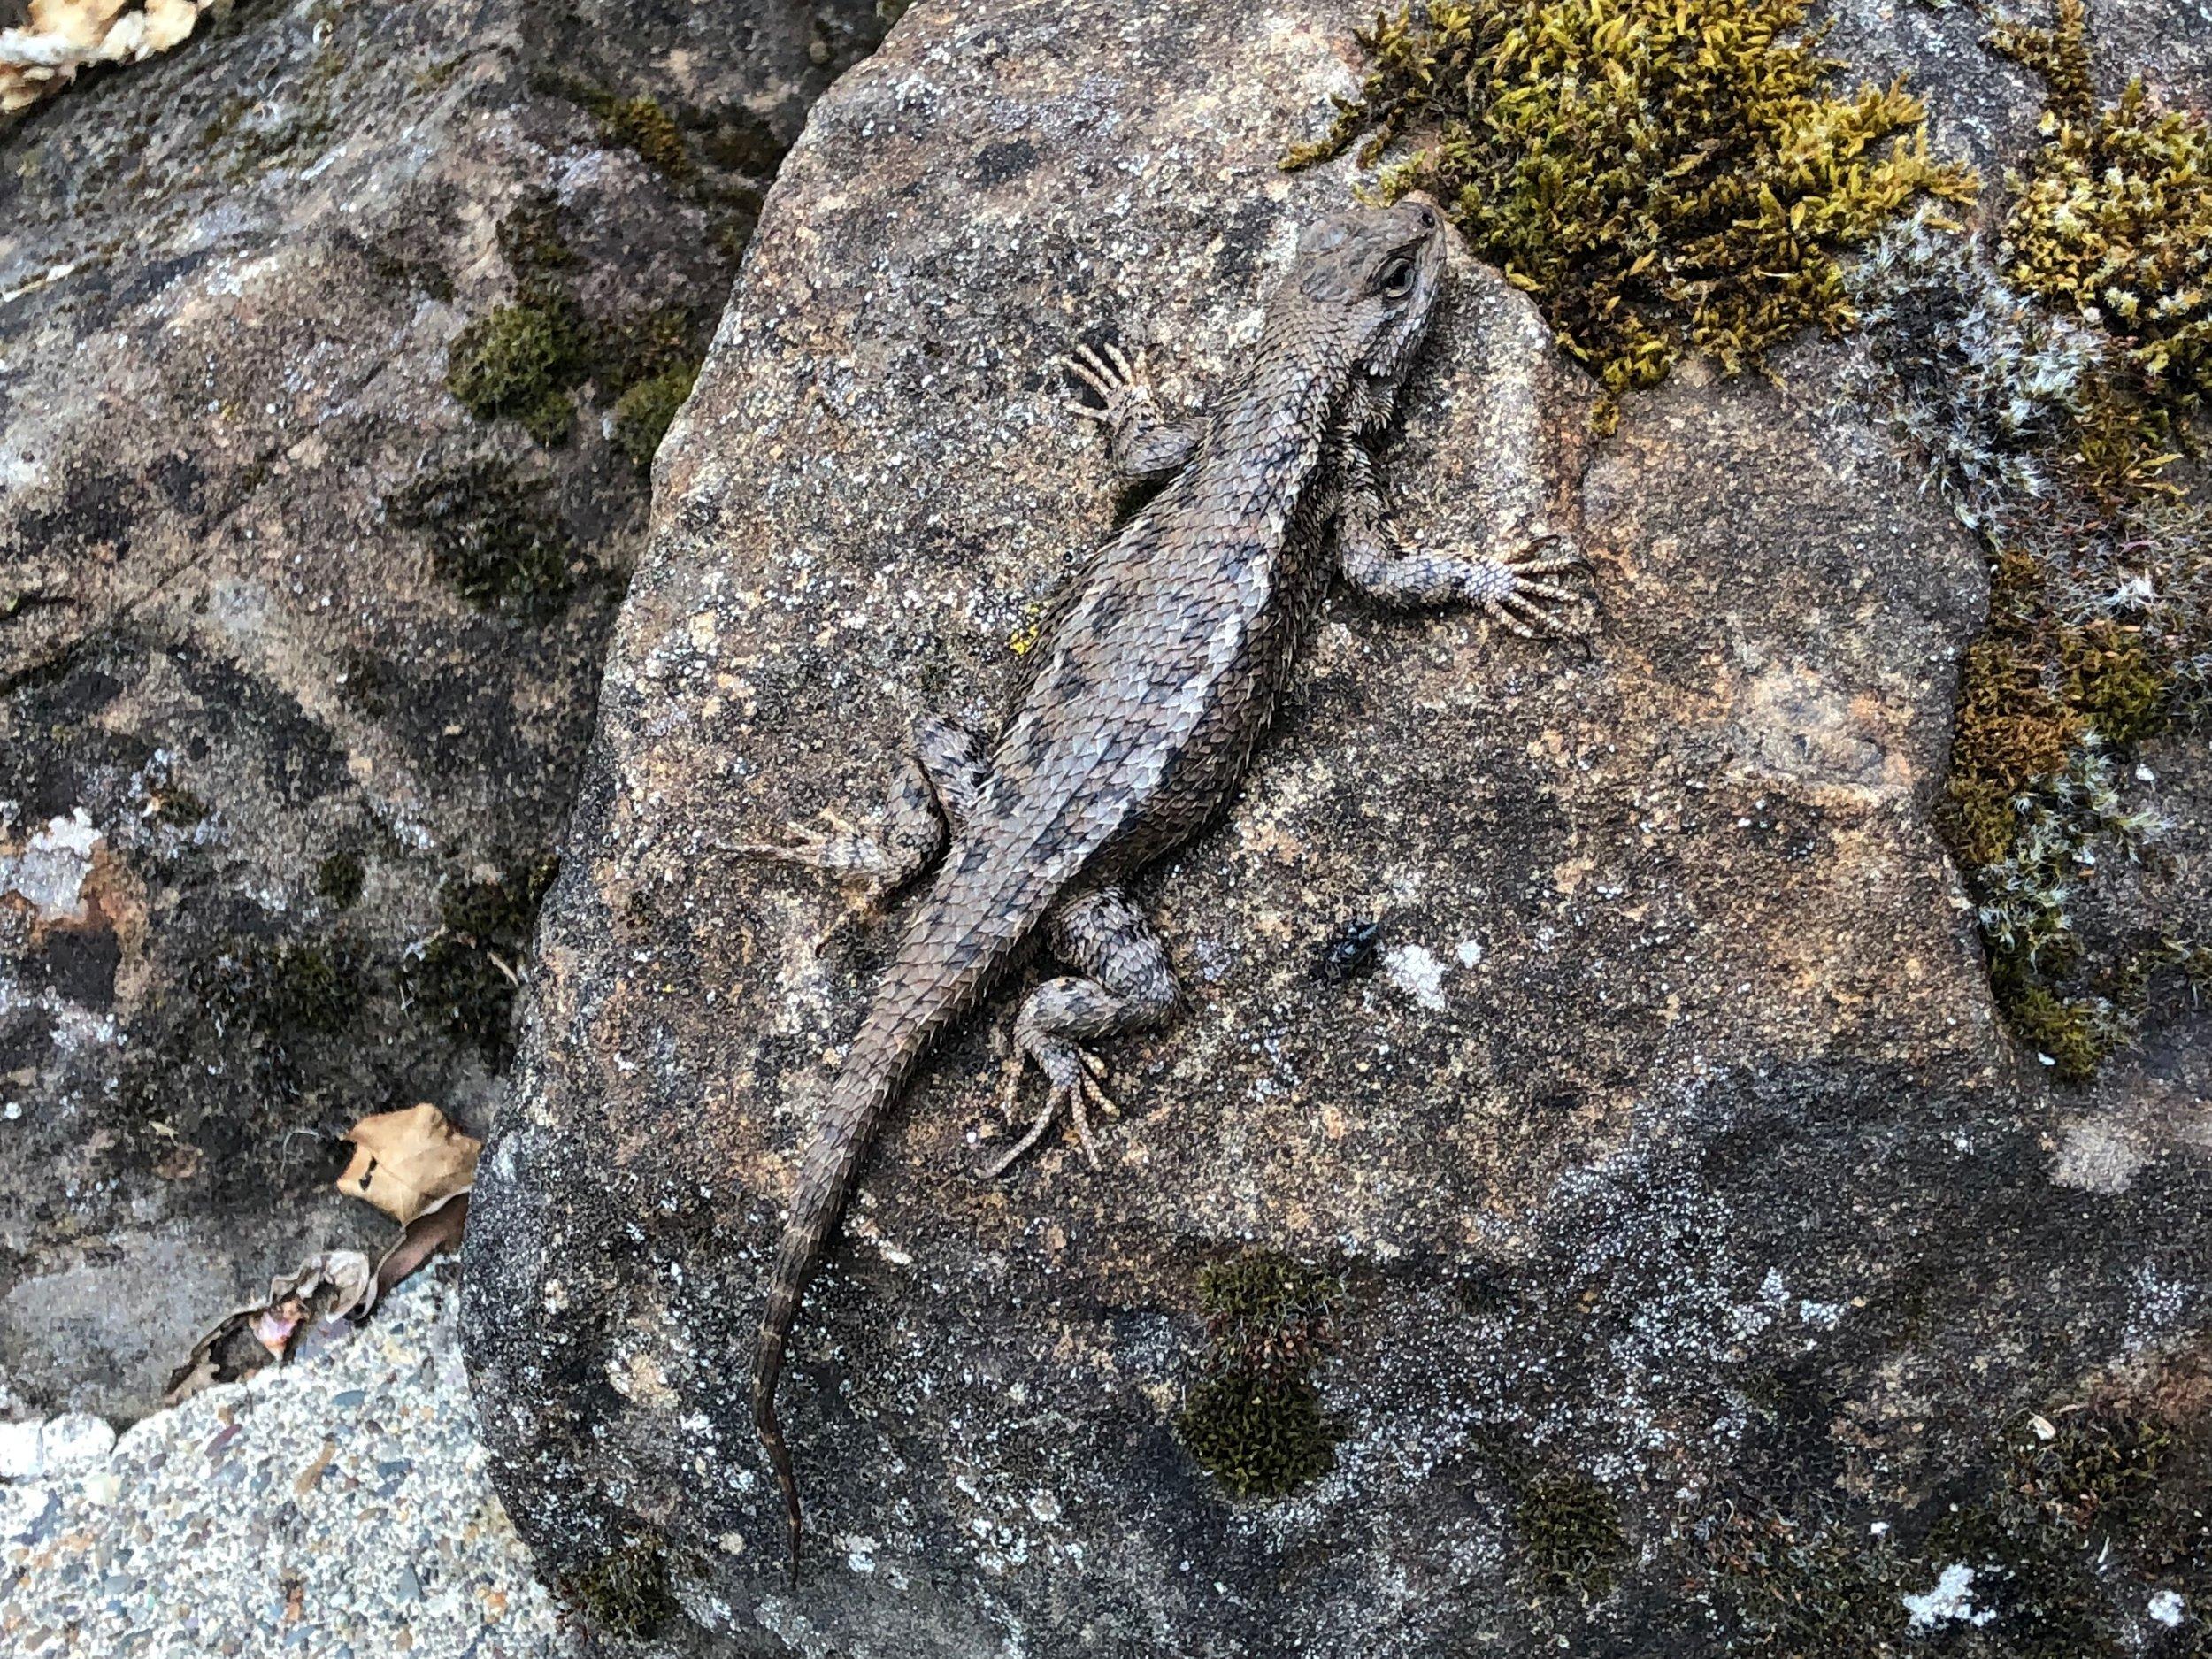 A Western Fence Lizard seen all summer long on the boulders surrounding the center garden.